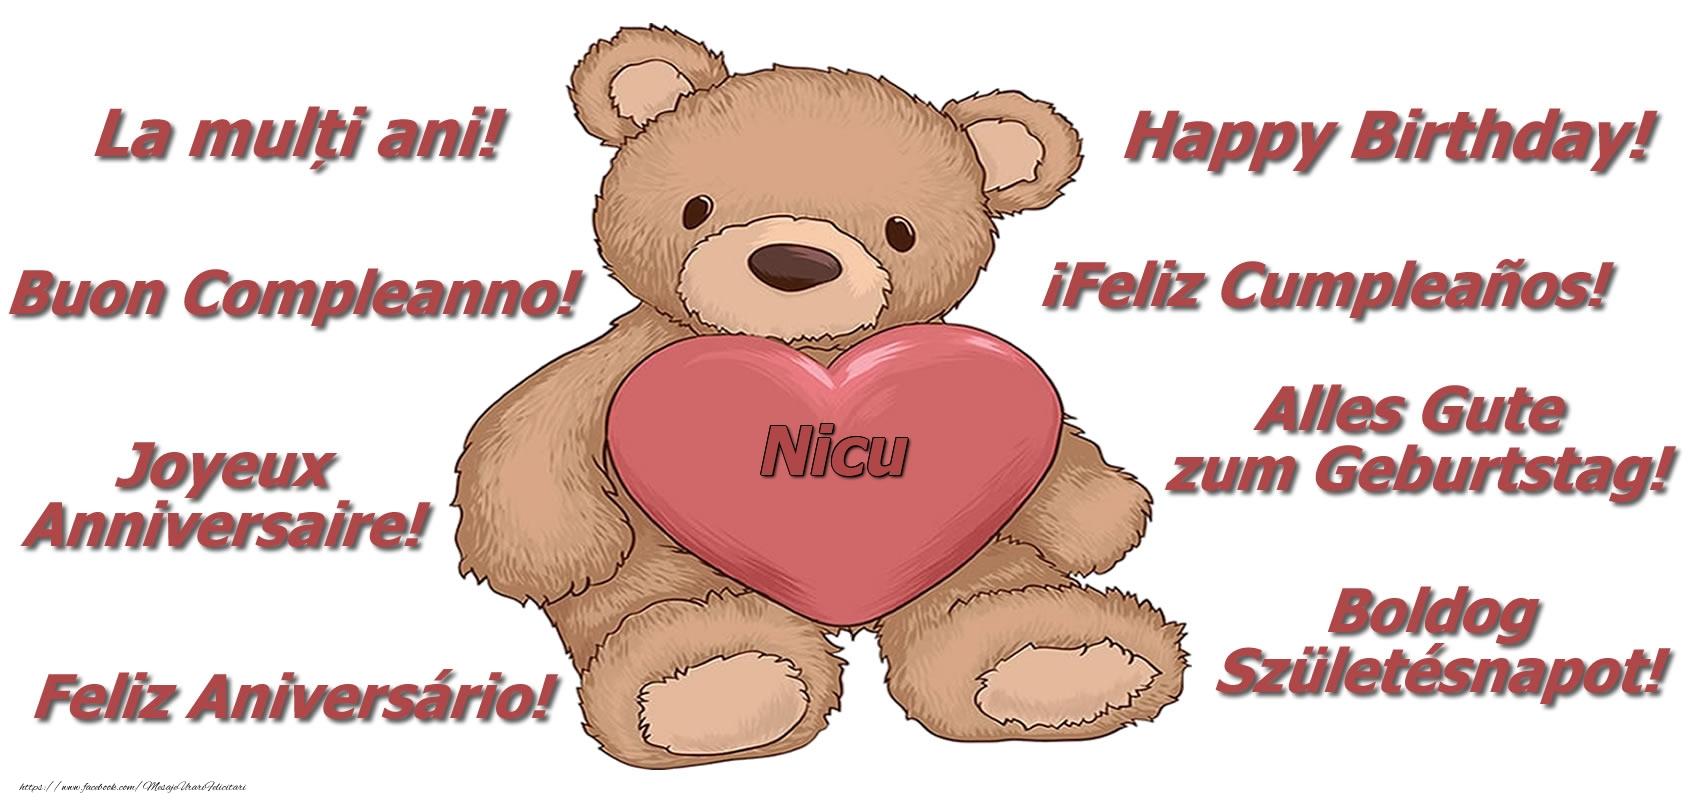 Felicitari de zi de nastere - La multi ani Nicu! - Ursulet